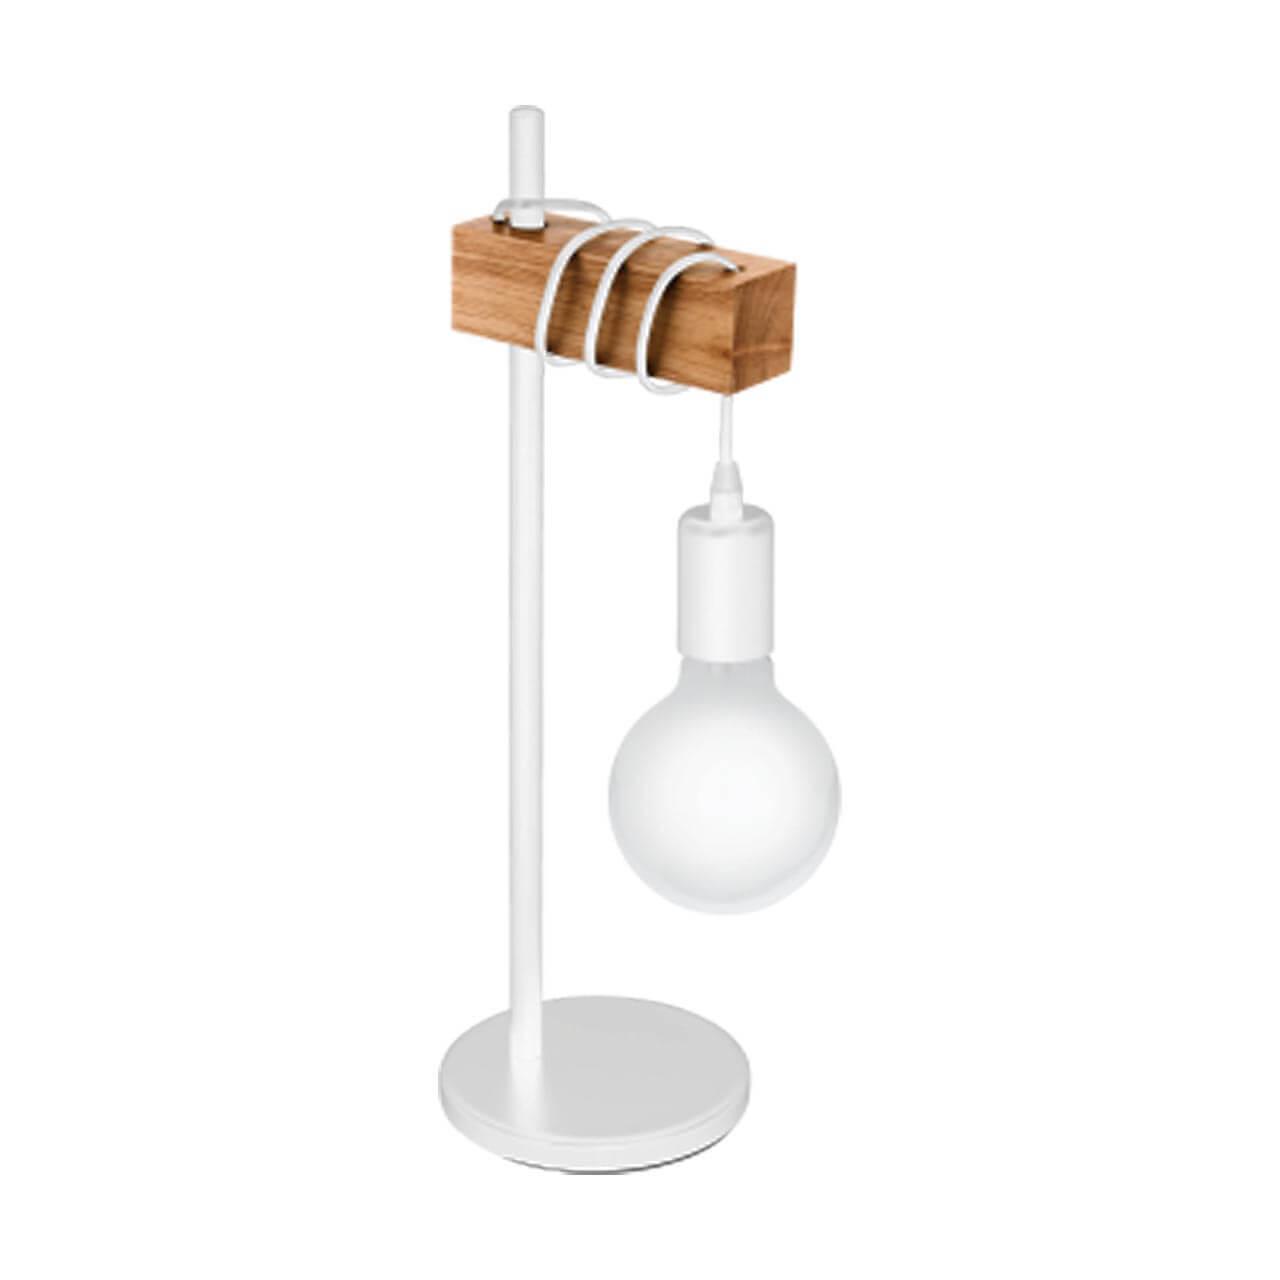 Настольная лампа Eglo 33163 Townshend фото